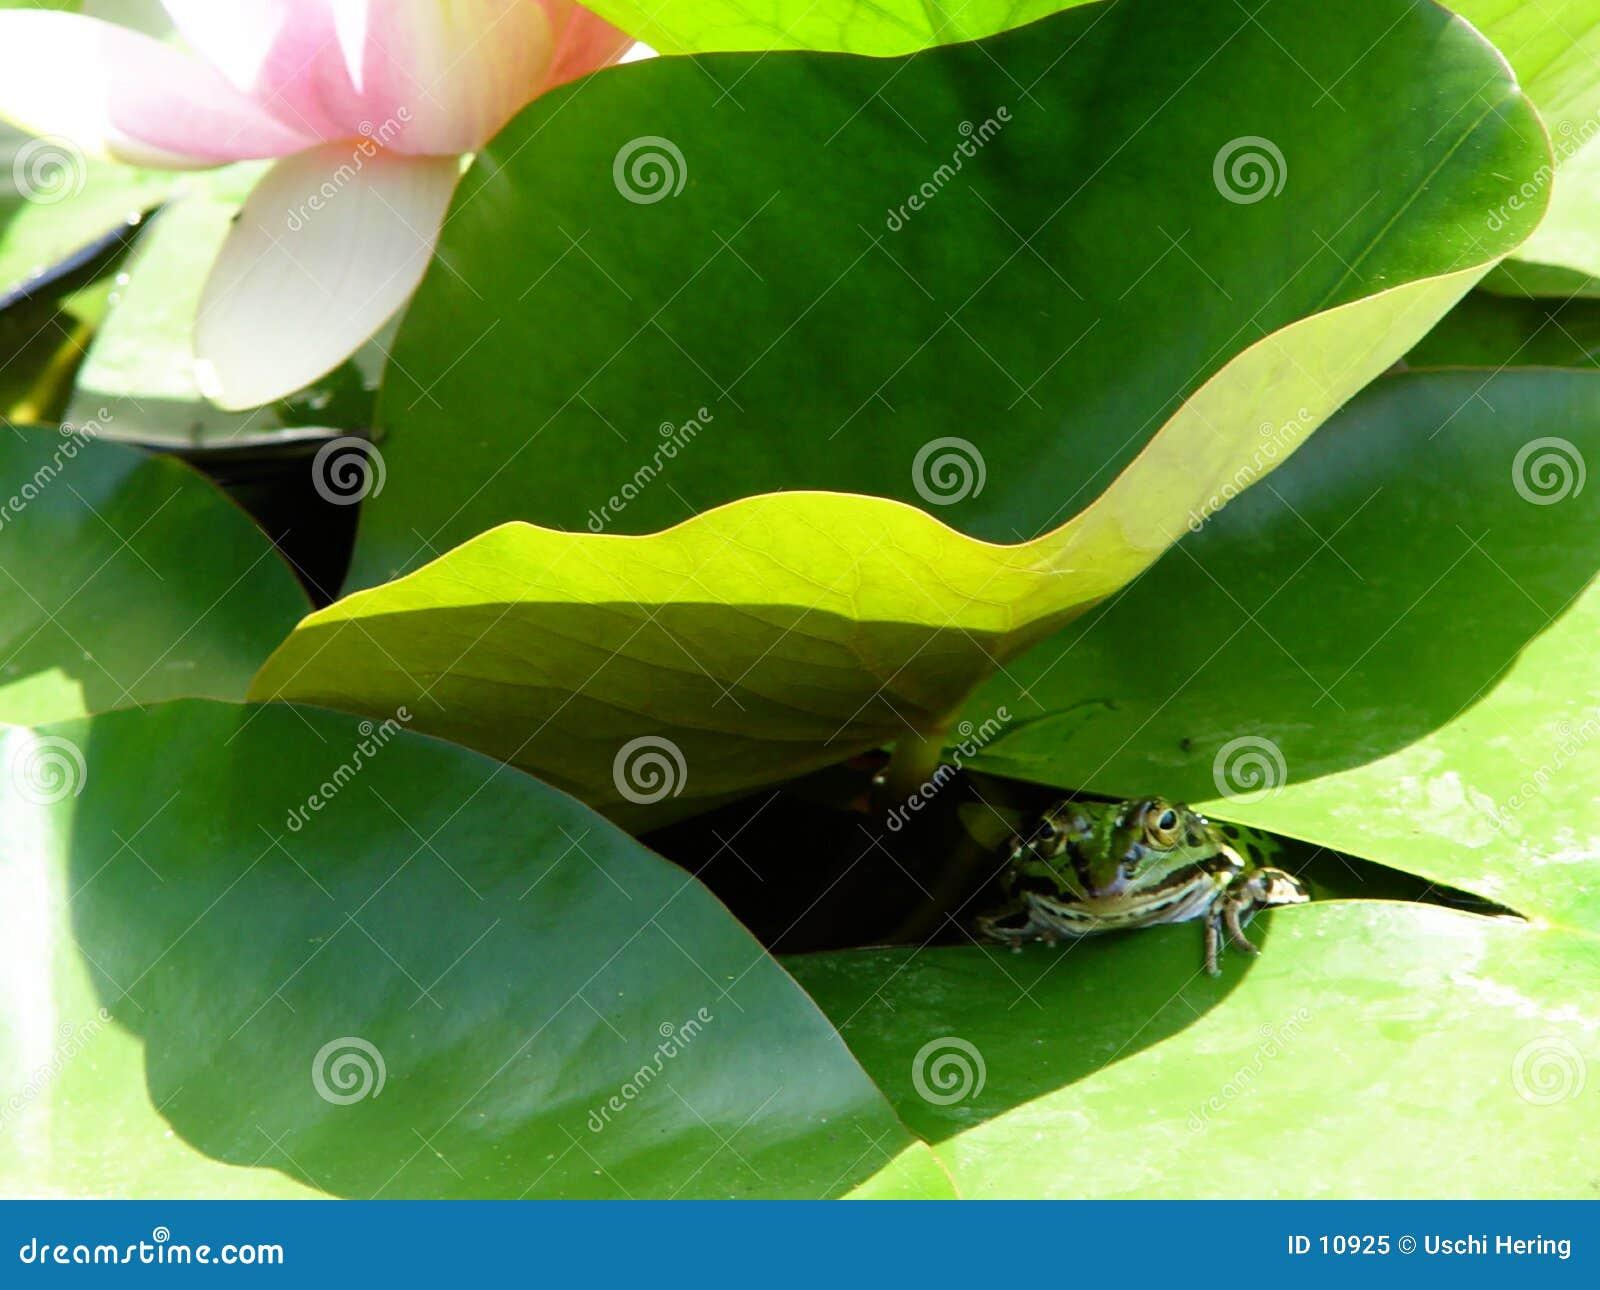 Froggy μαξιλάρι κρίνων κάτω